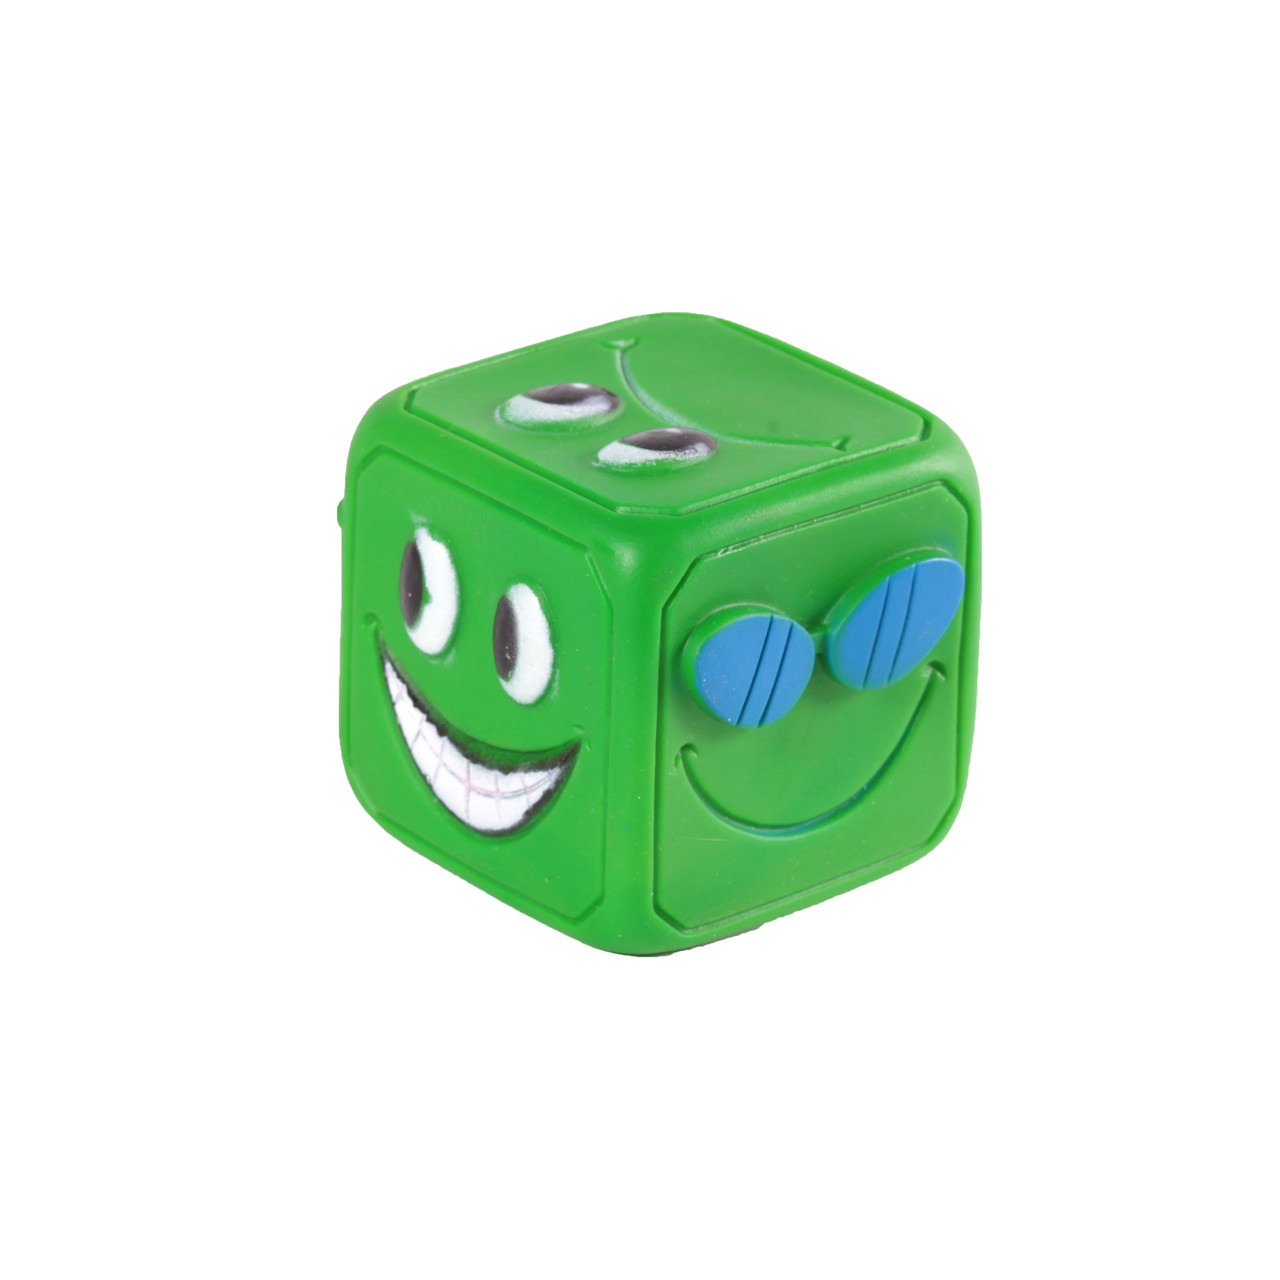 Игрушка для собак Кубик, 6 см